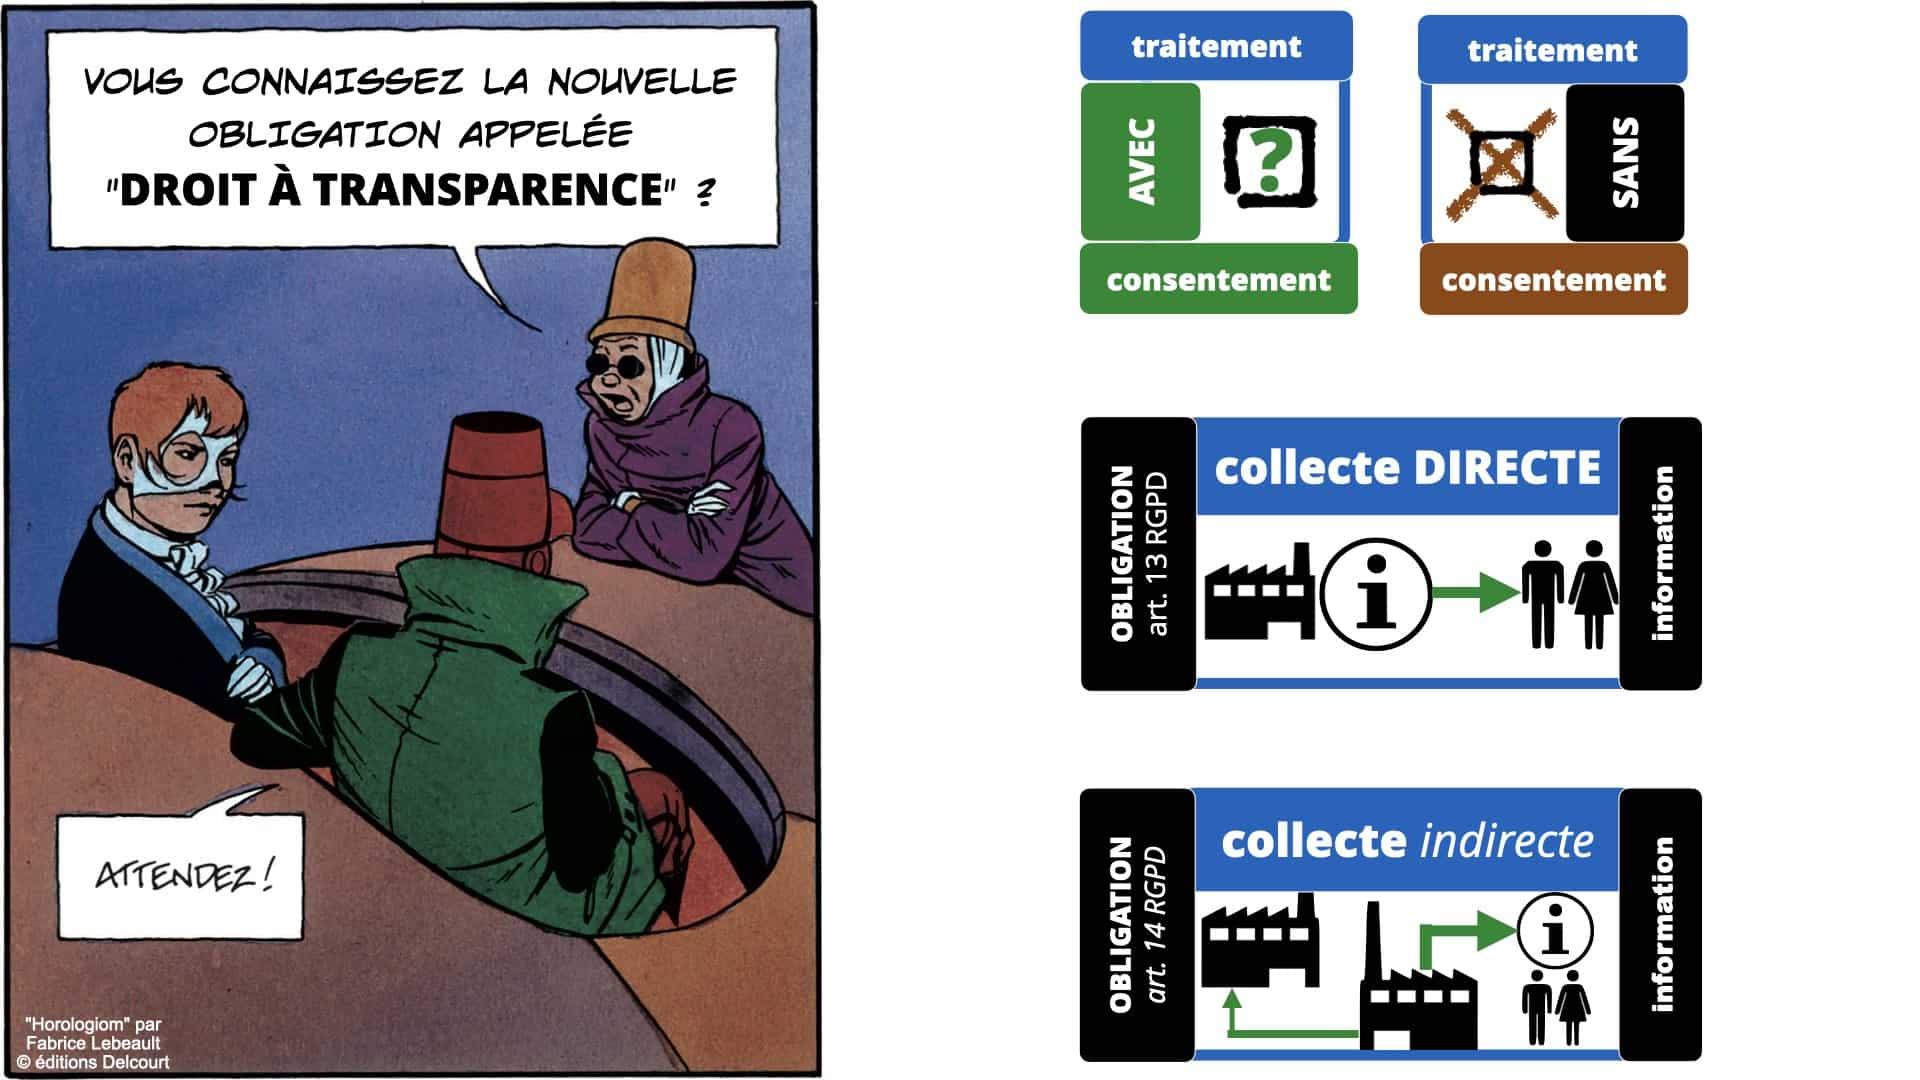 délibération CNIL Spartoo obligation d'information